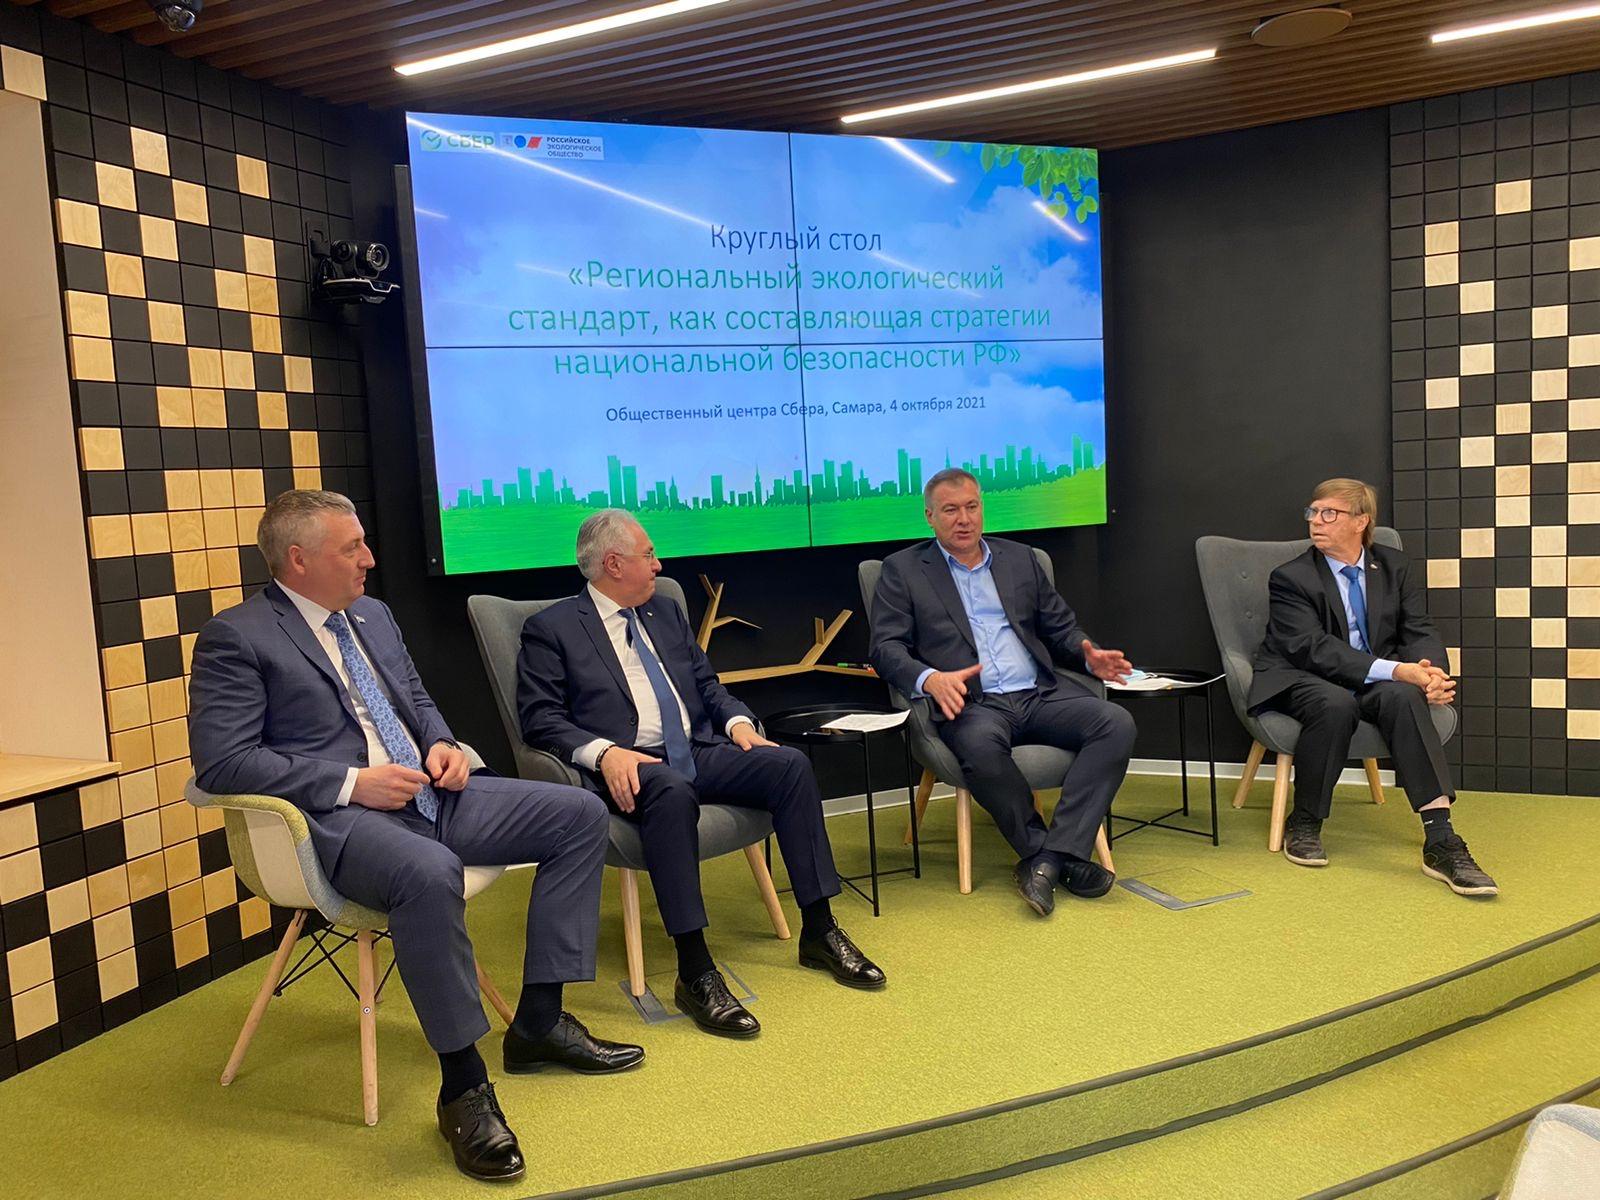 Региональный Экологический стандарт как способ реализации составляющих экологической доктрины